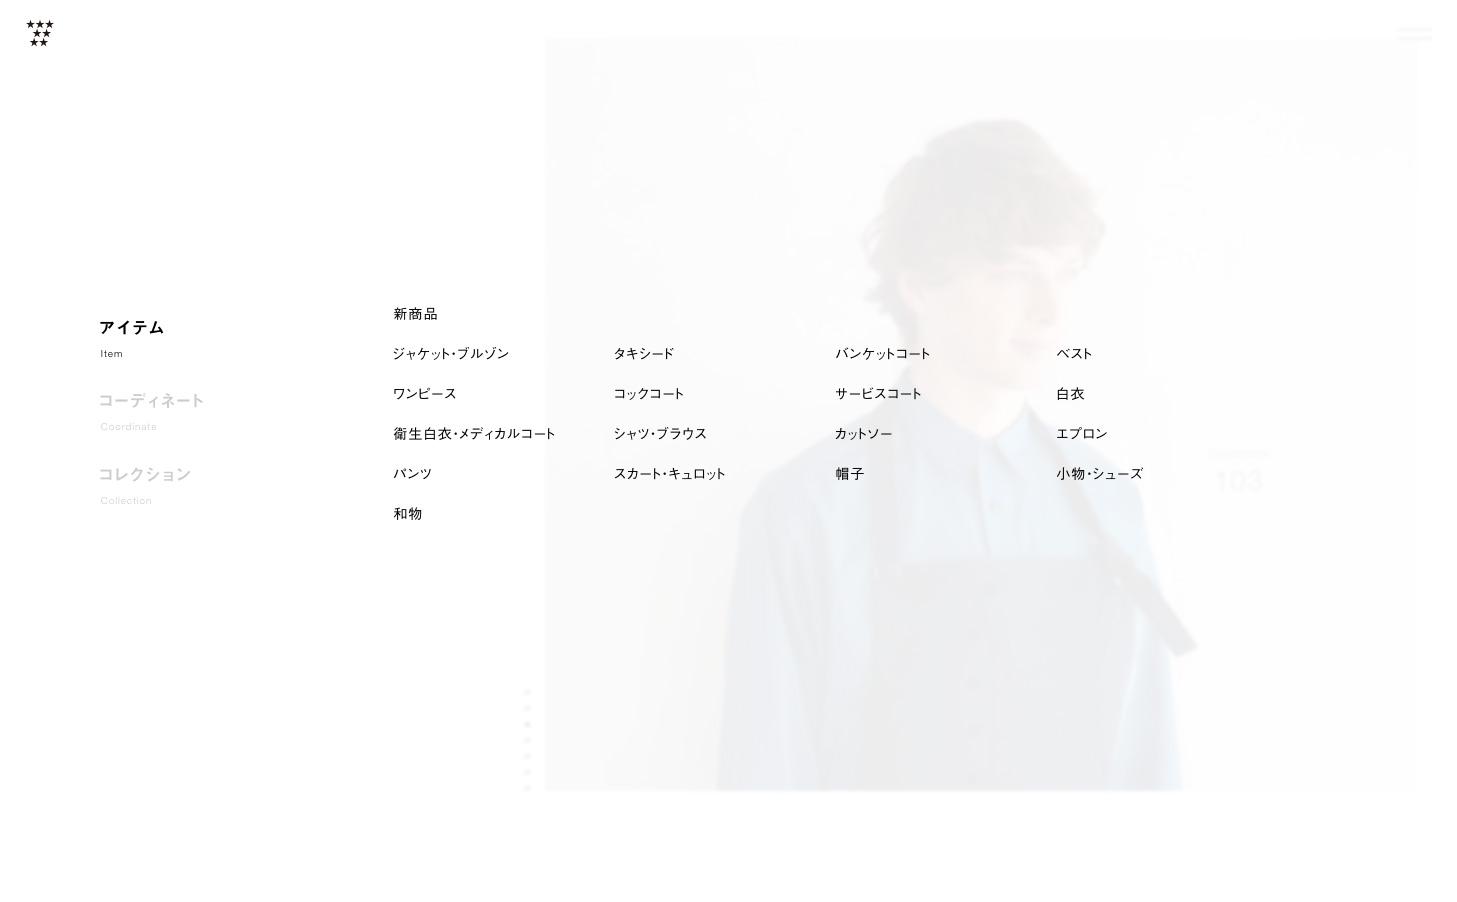 セブンユニフォーム webカタログ